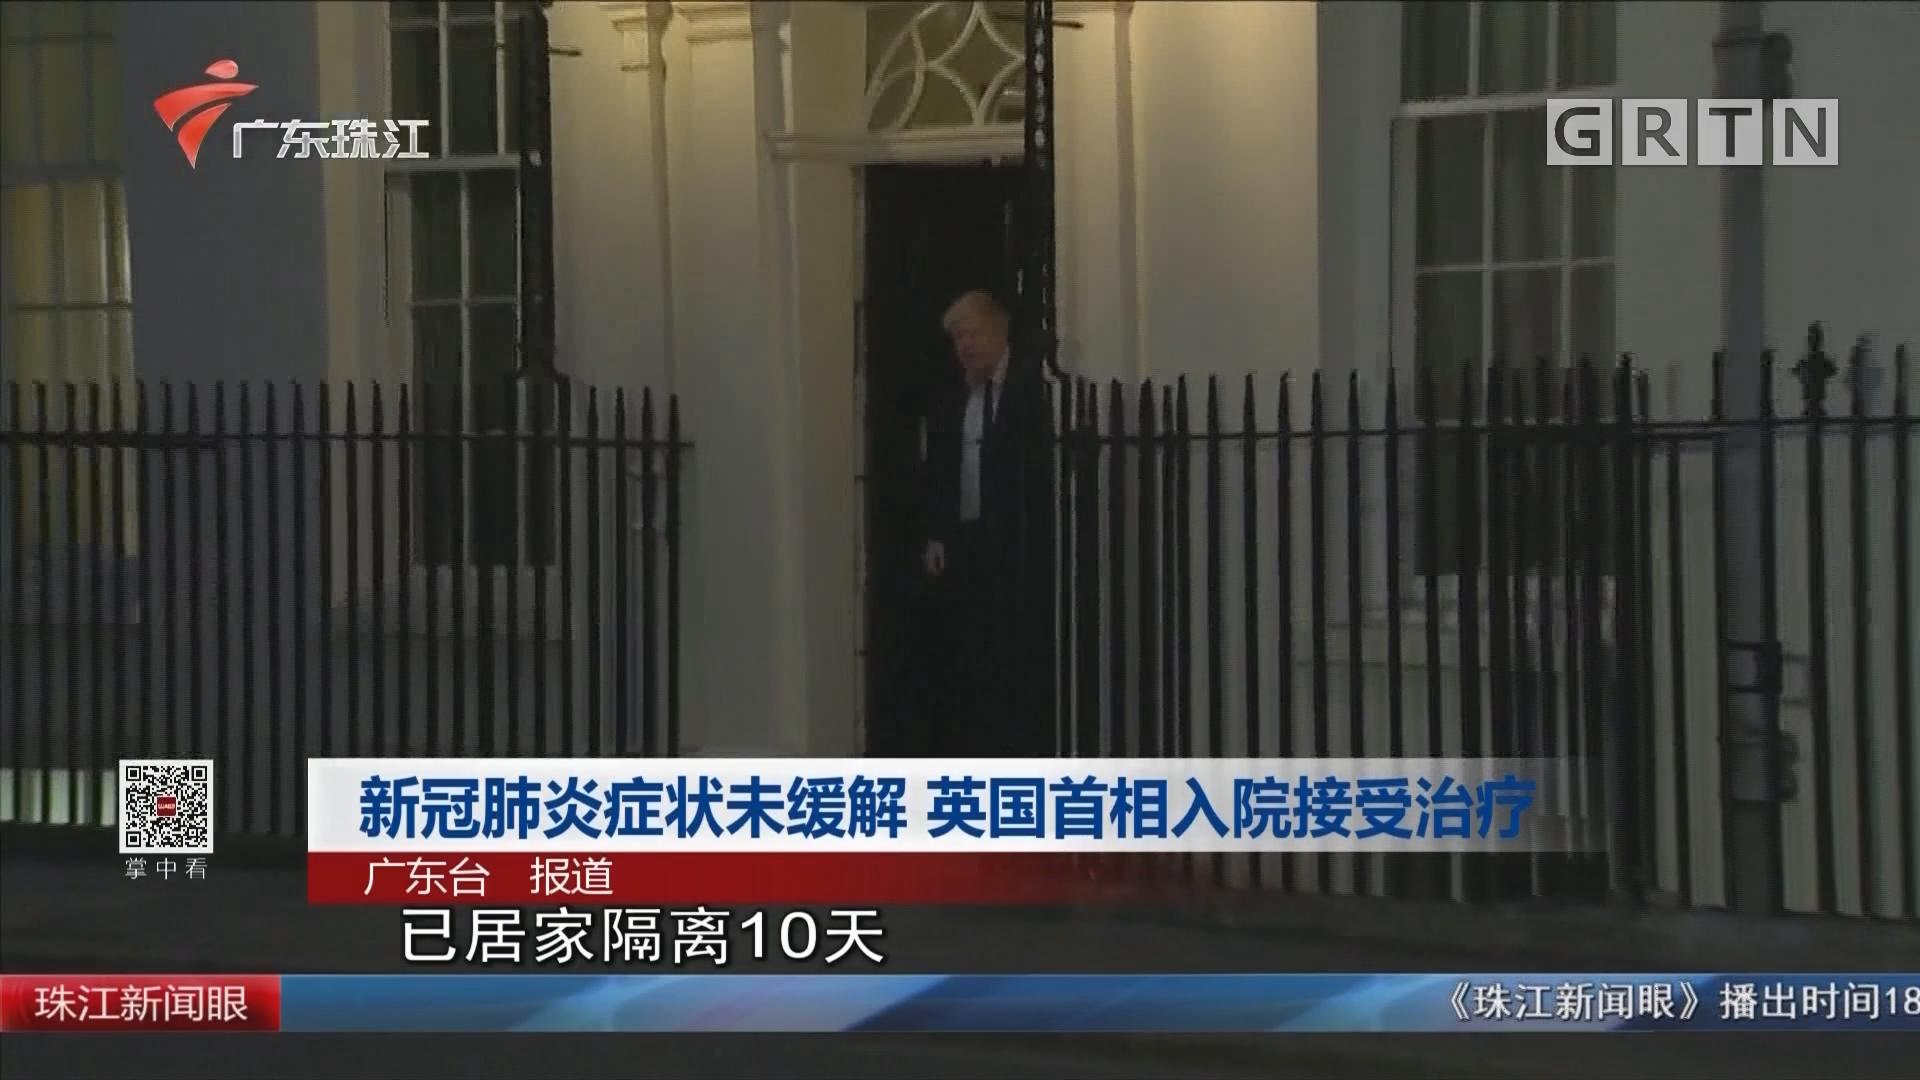 新冠肺炎症状未缓解 英国首相入院接受治疗